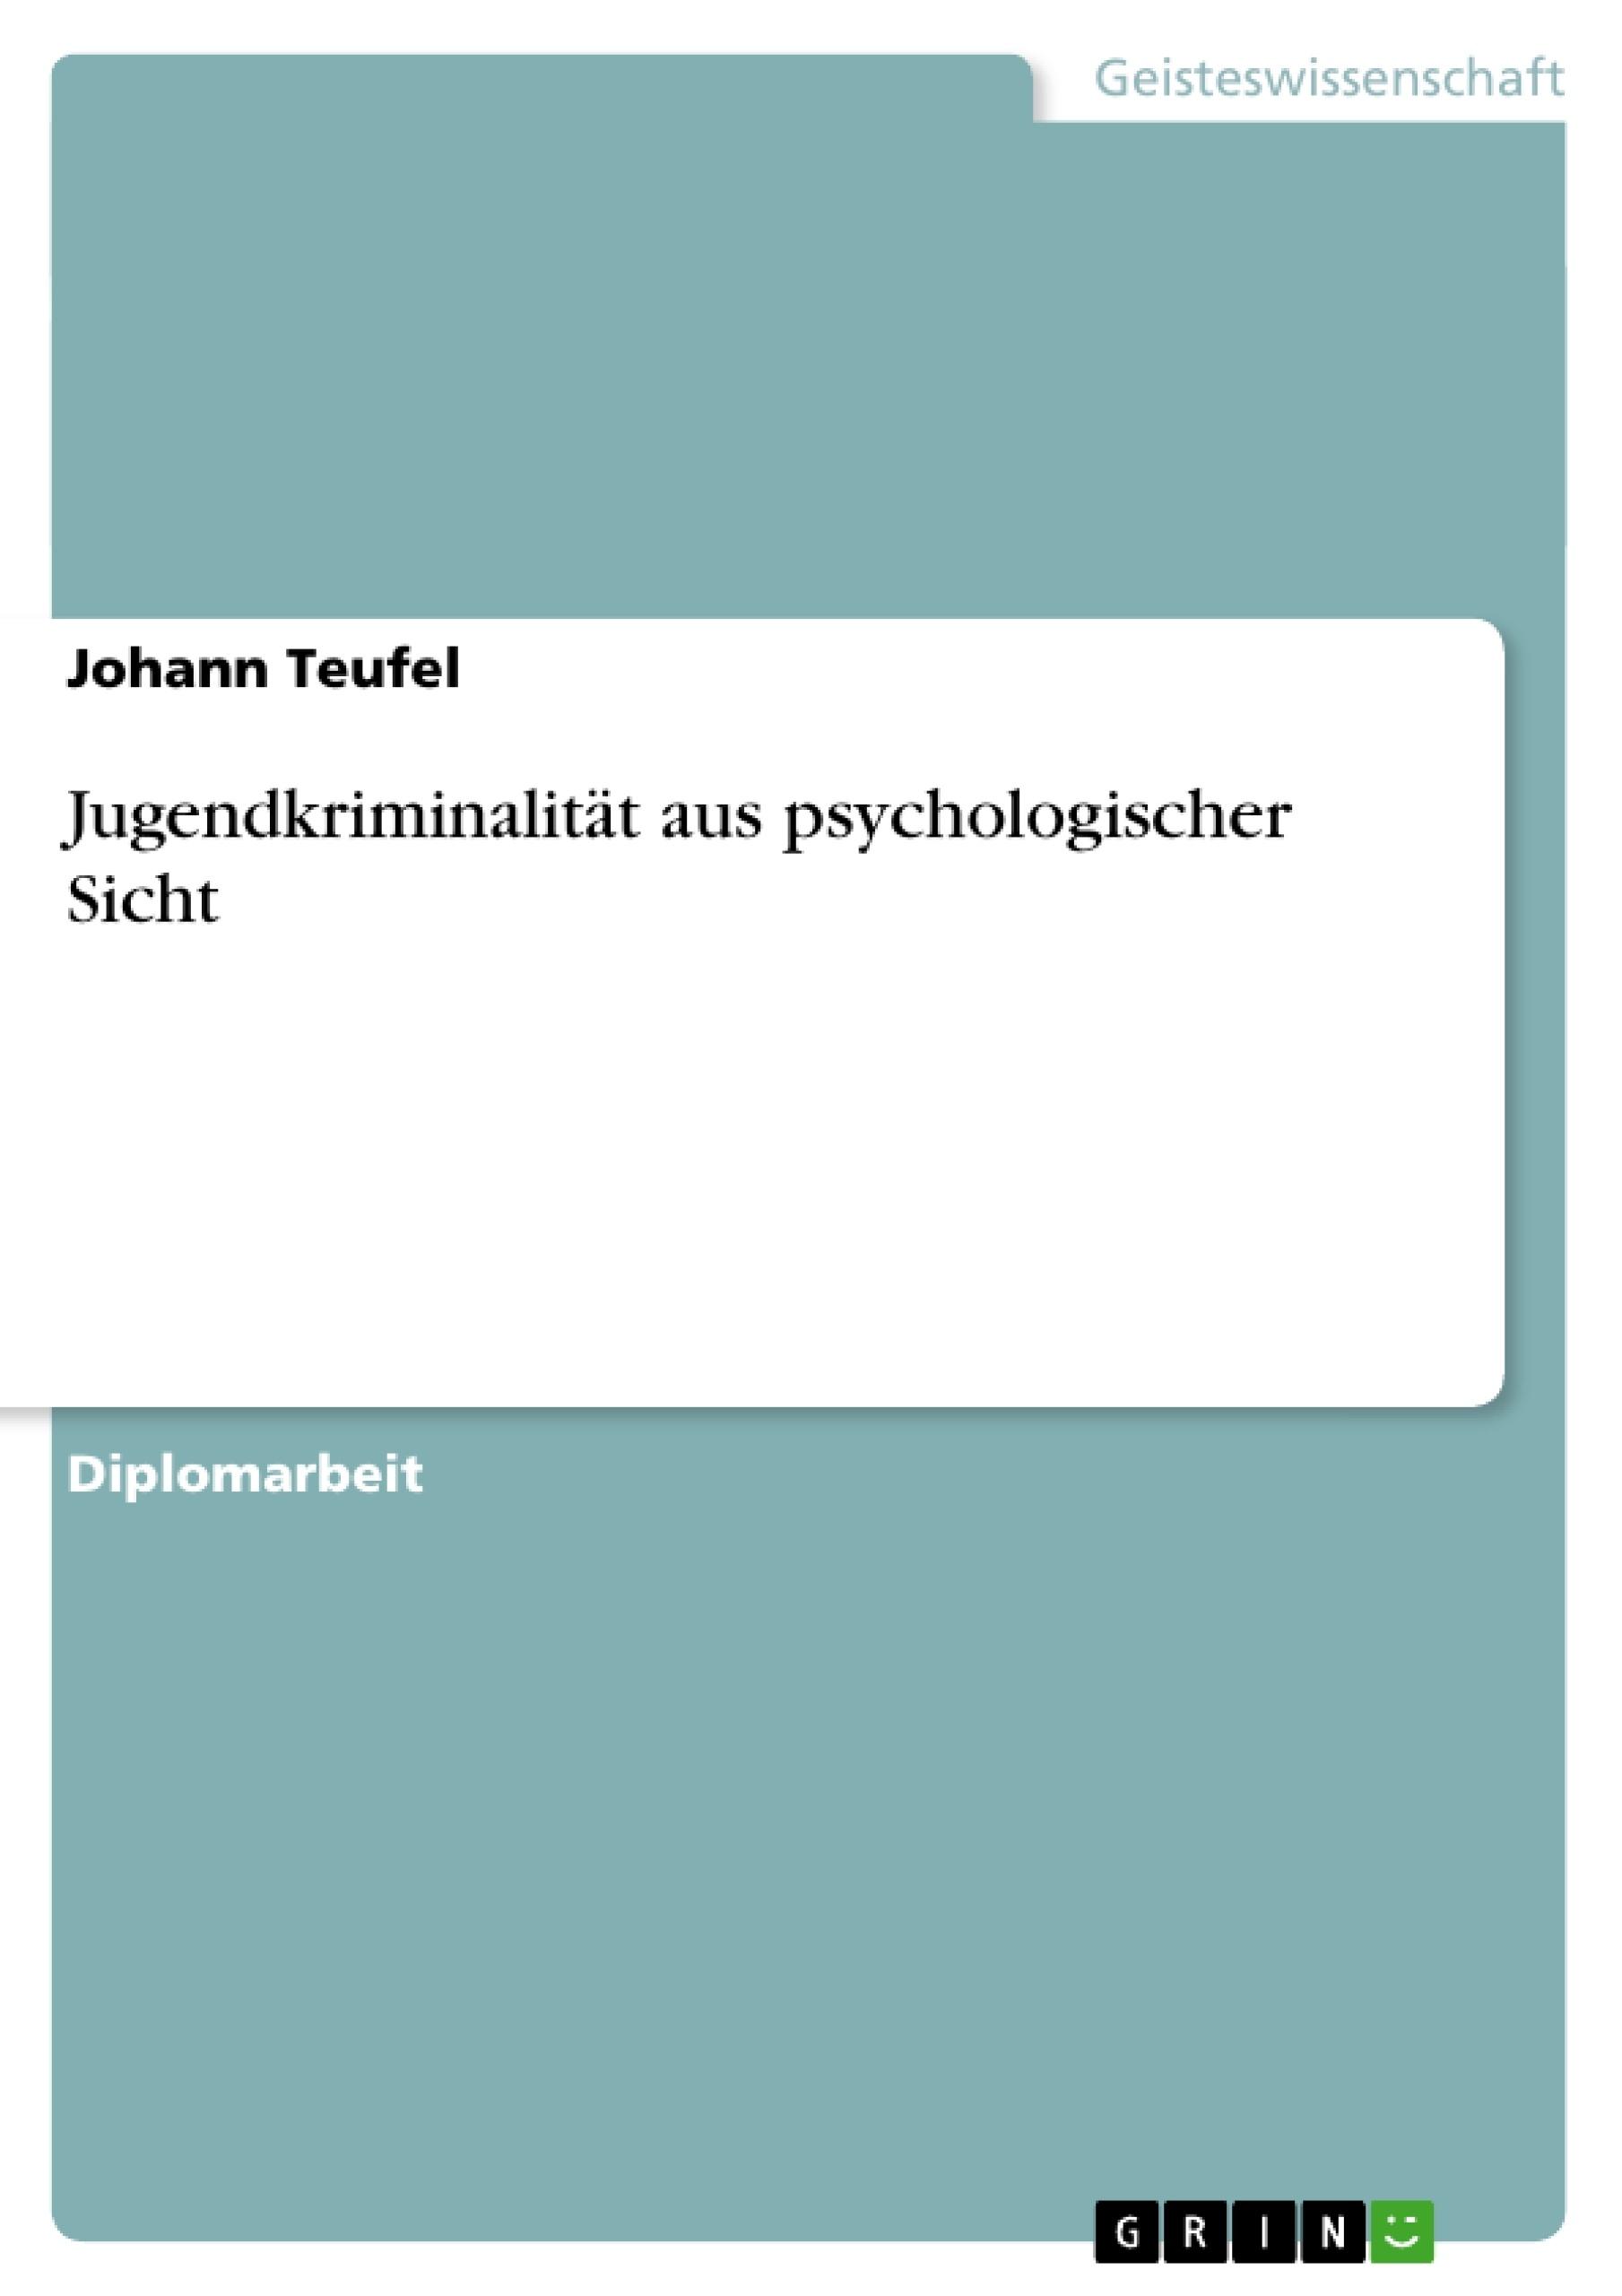 Titel: Jugendkriminalität aus psychologischer Sicht